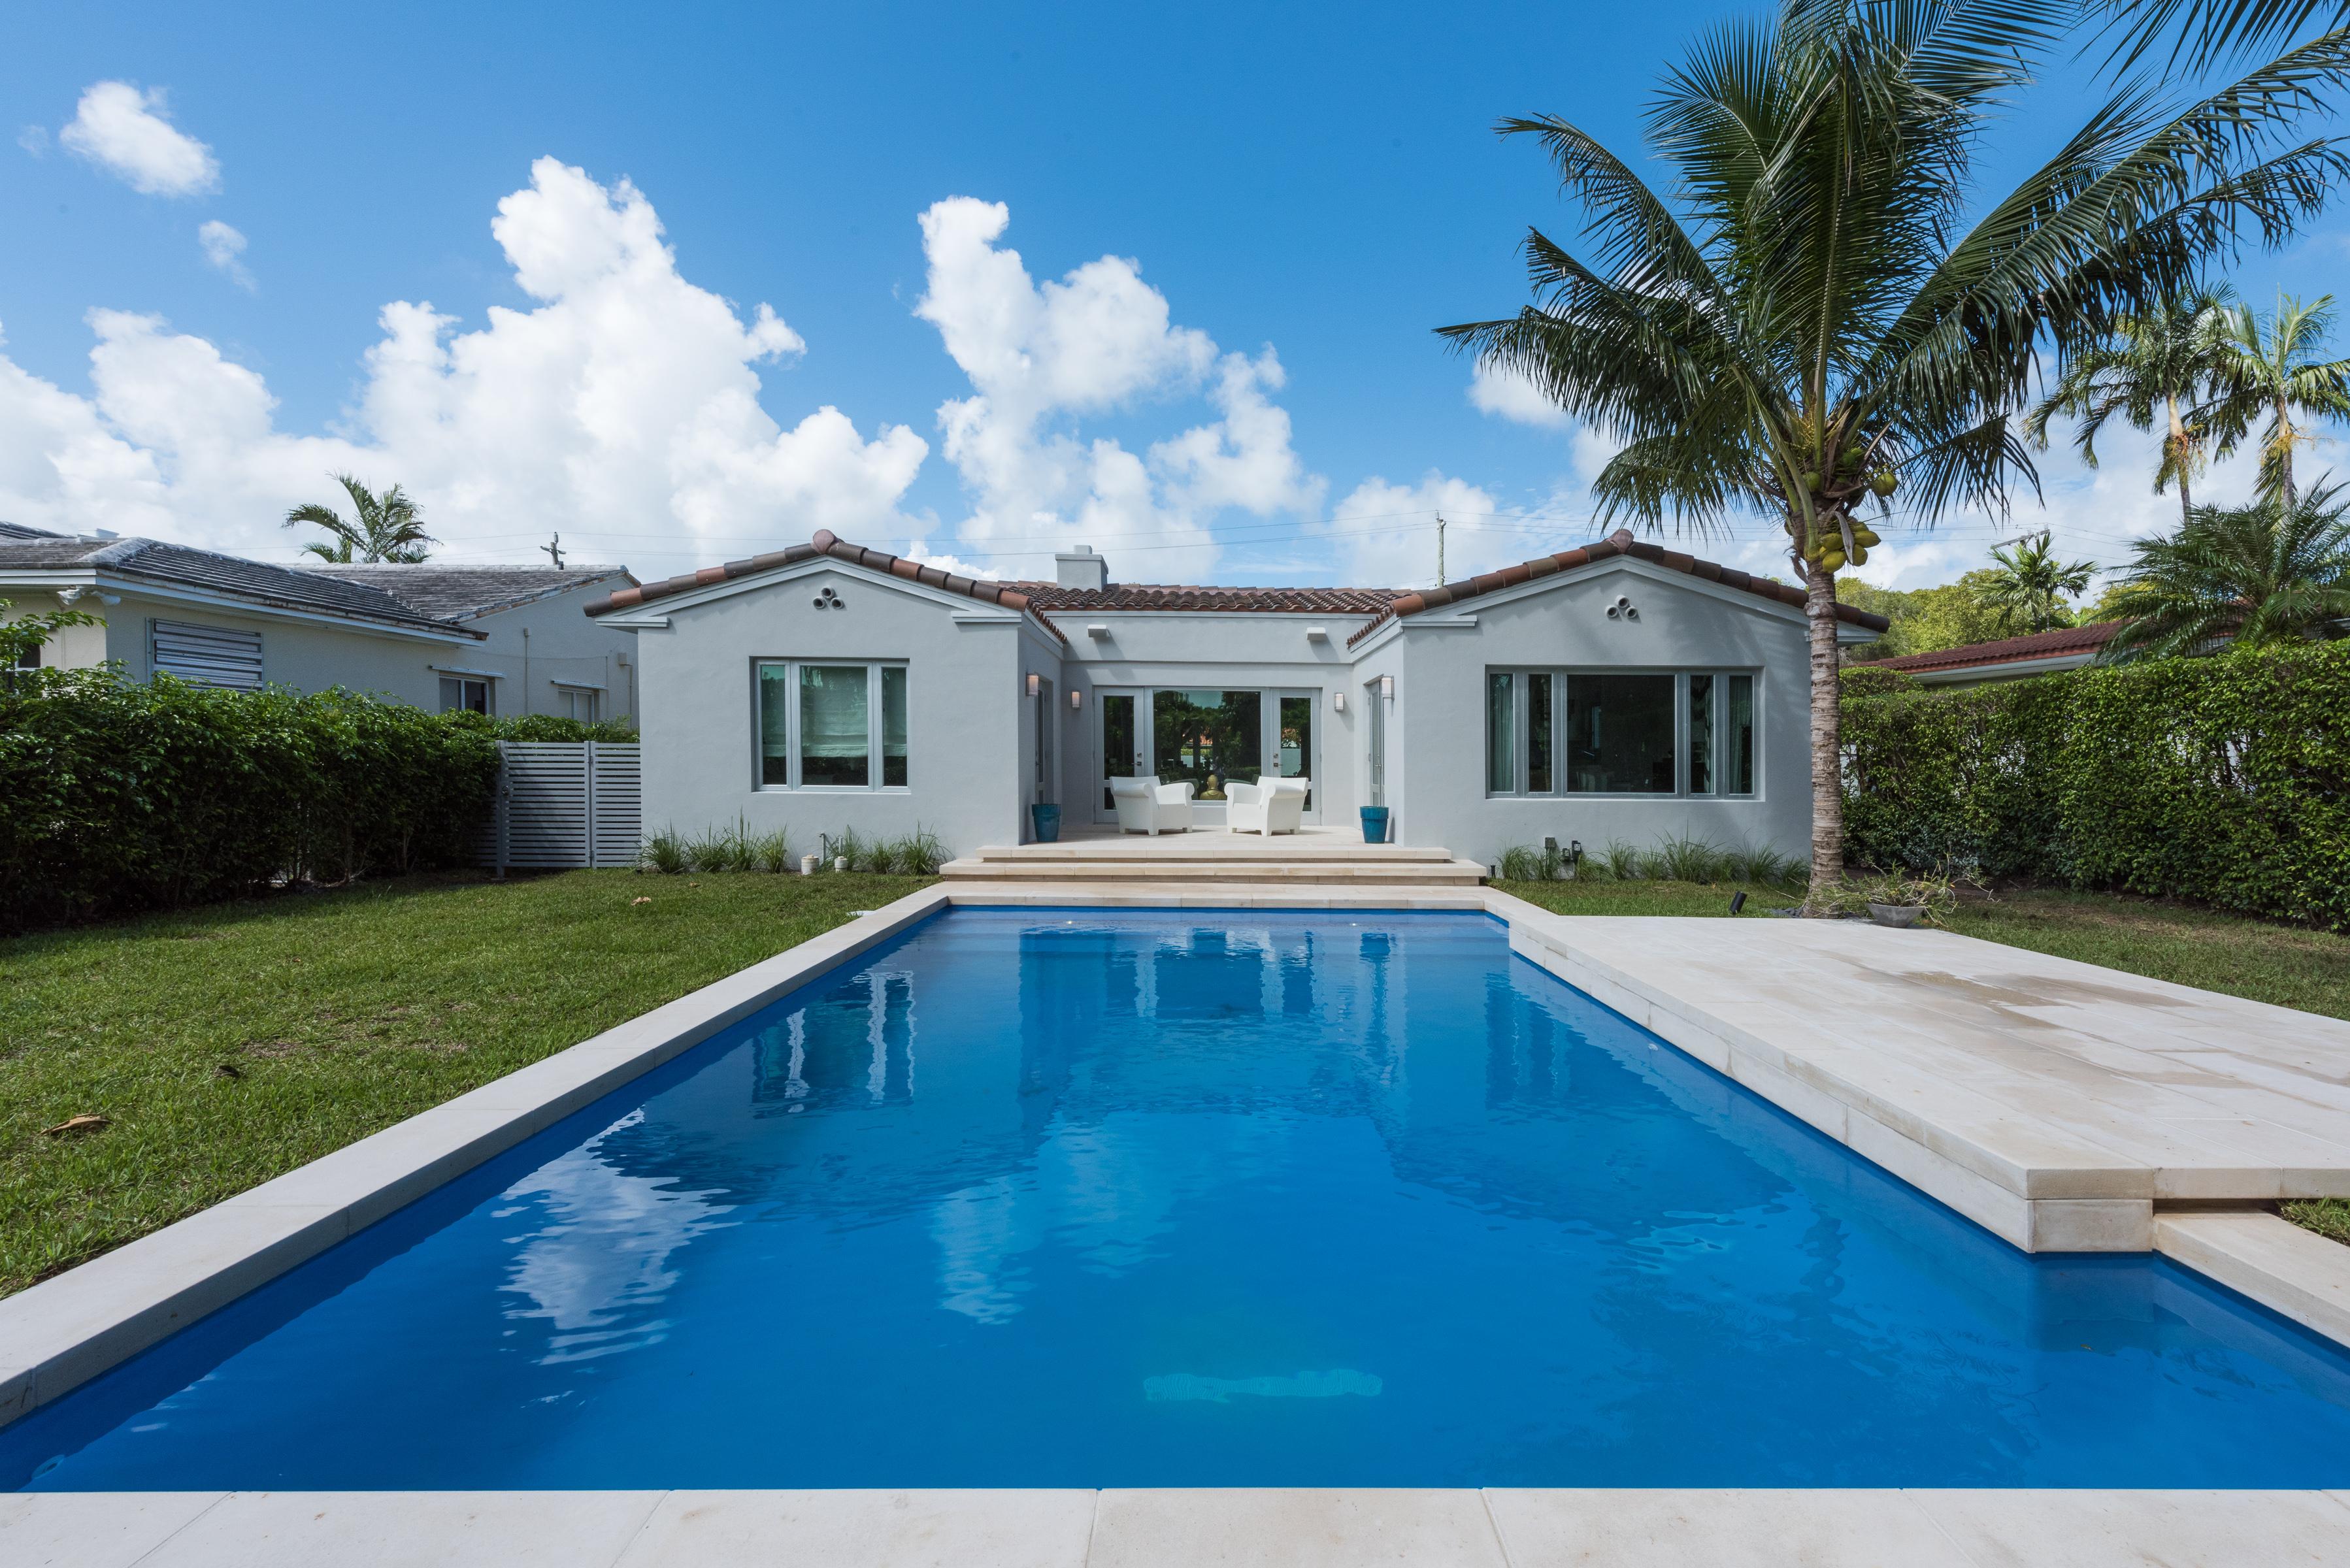 Villa per Vendita alle ore 5327 Alton Rd Miami Beach, Florida, 33140 Stati Uniti